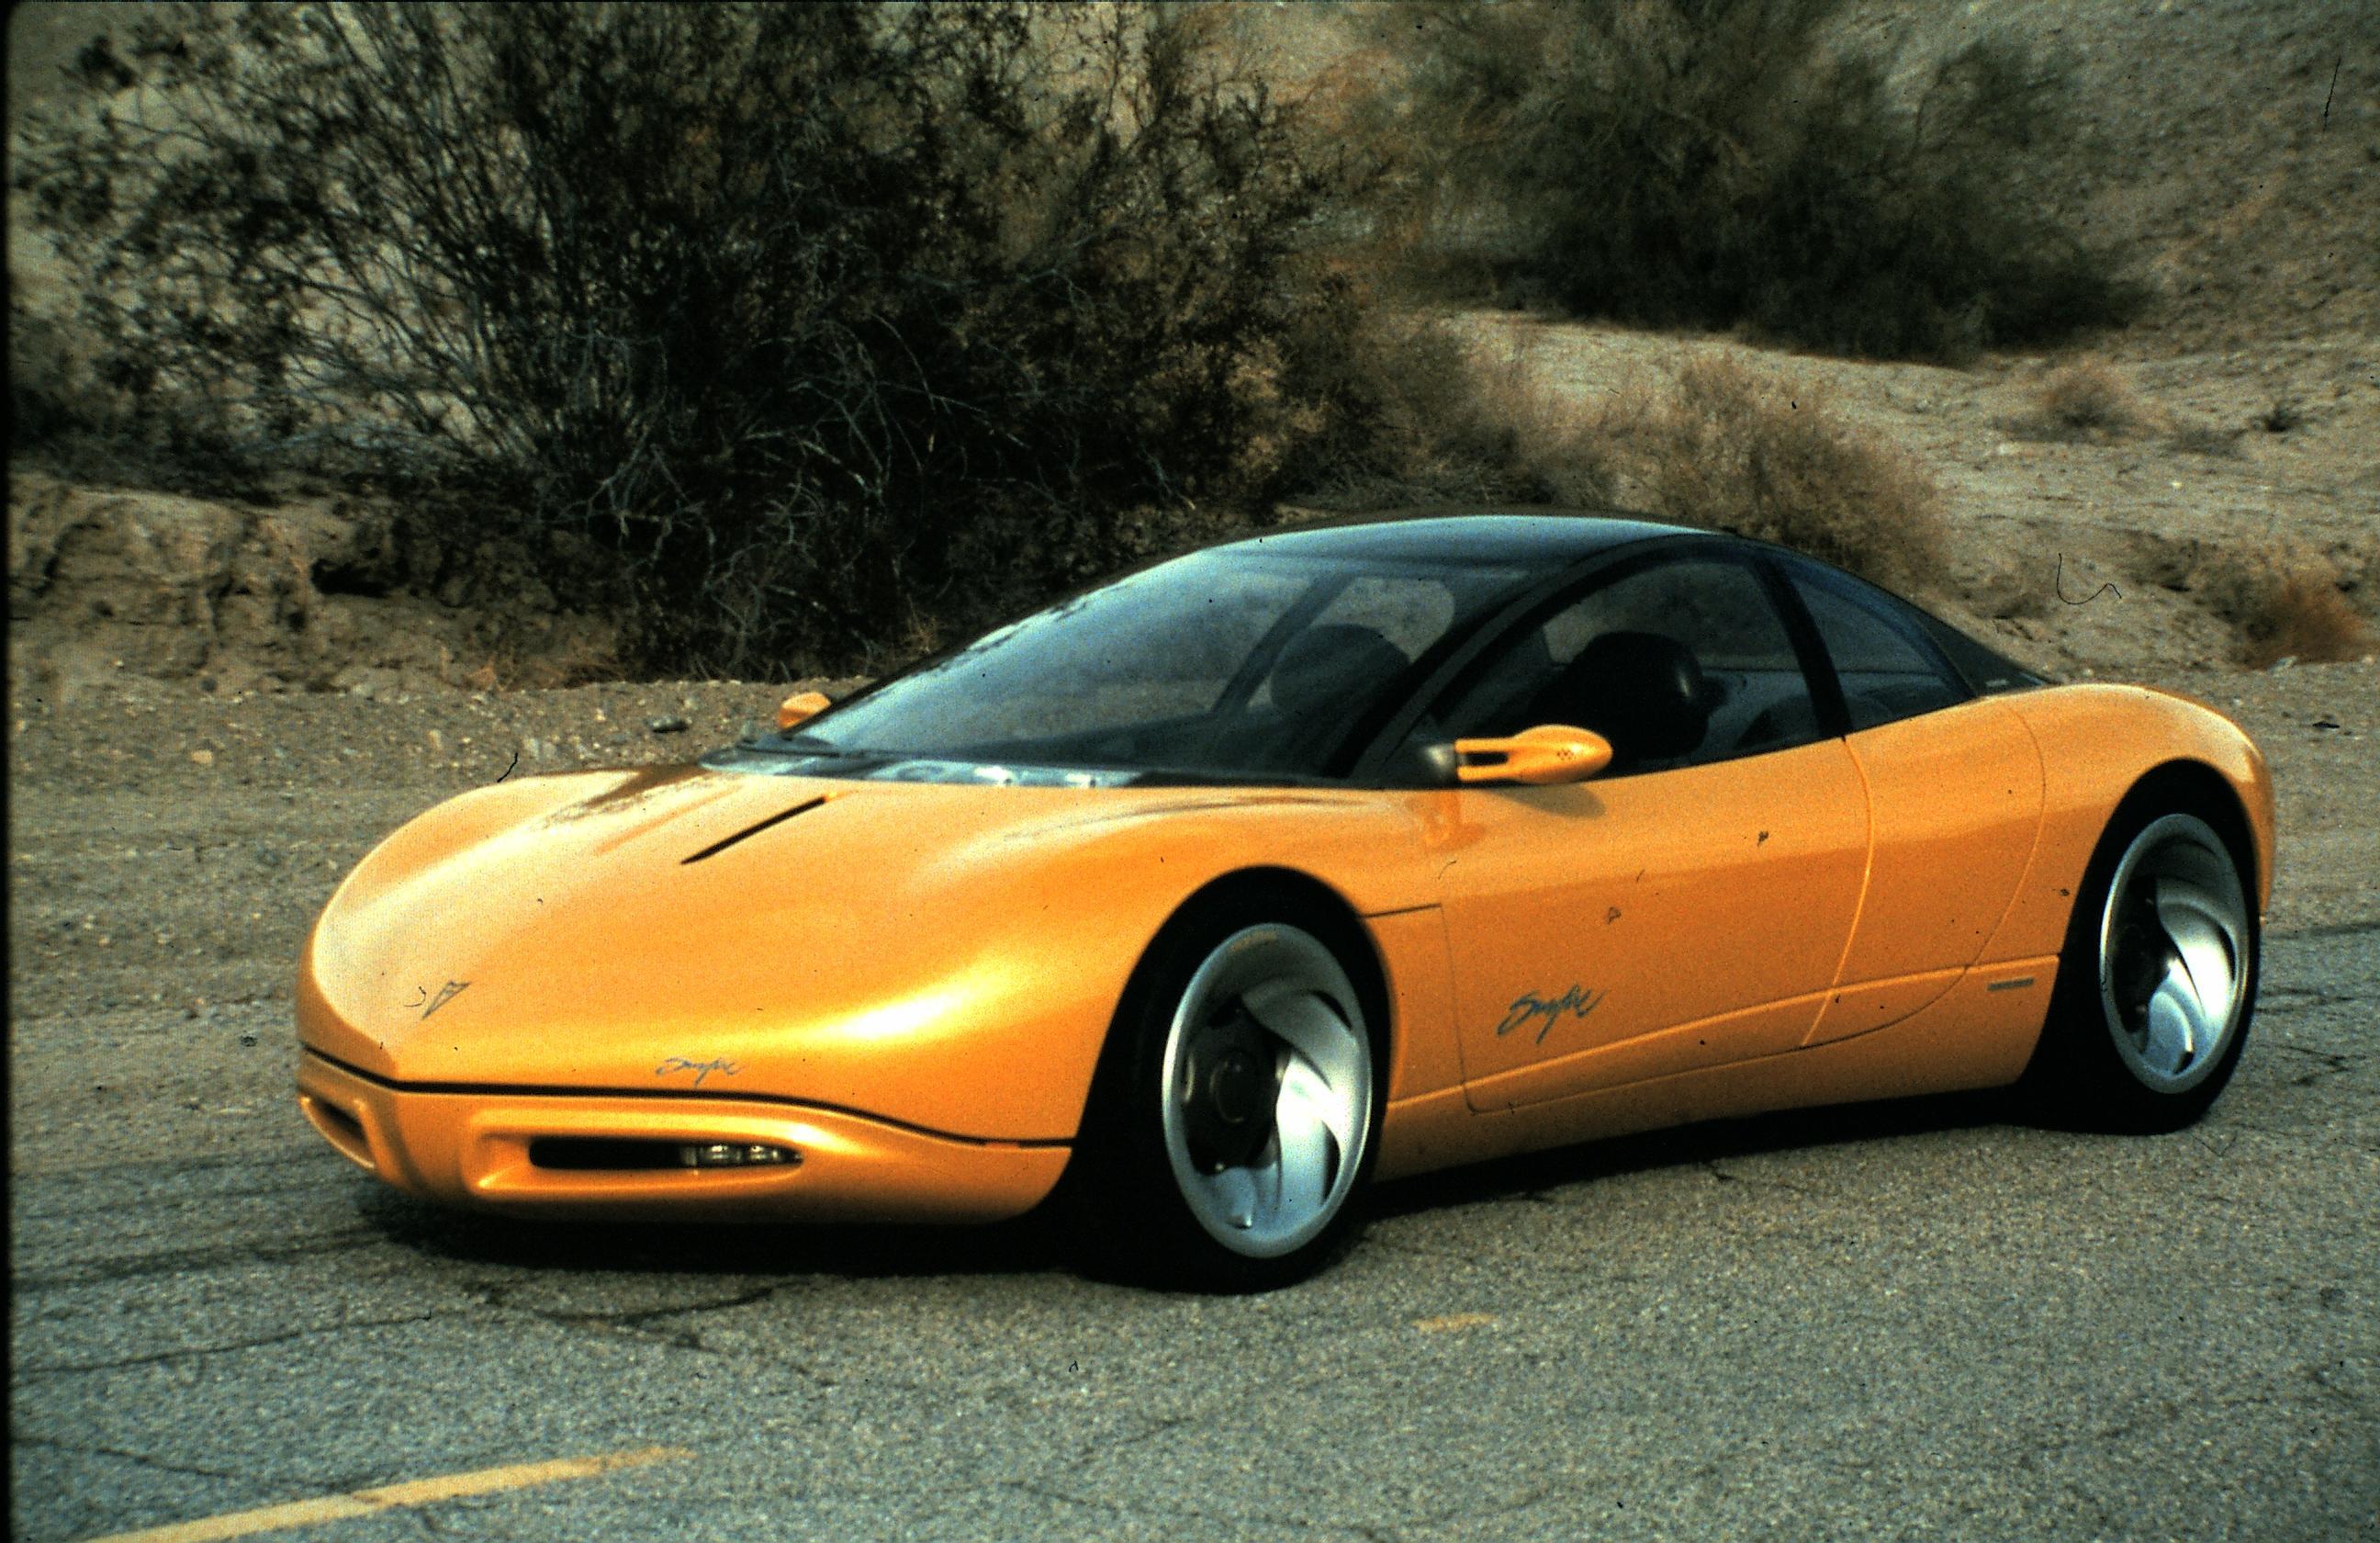 Pontiac Sunfire 2+2, 1990